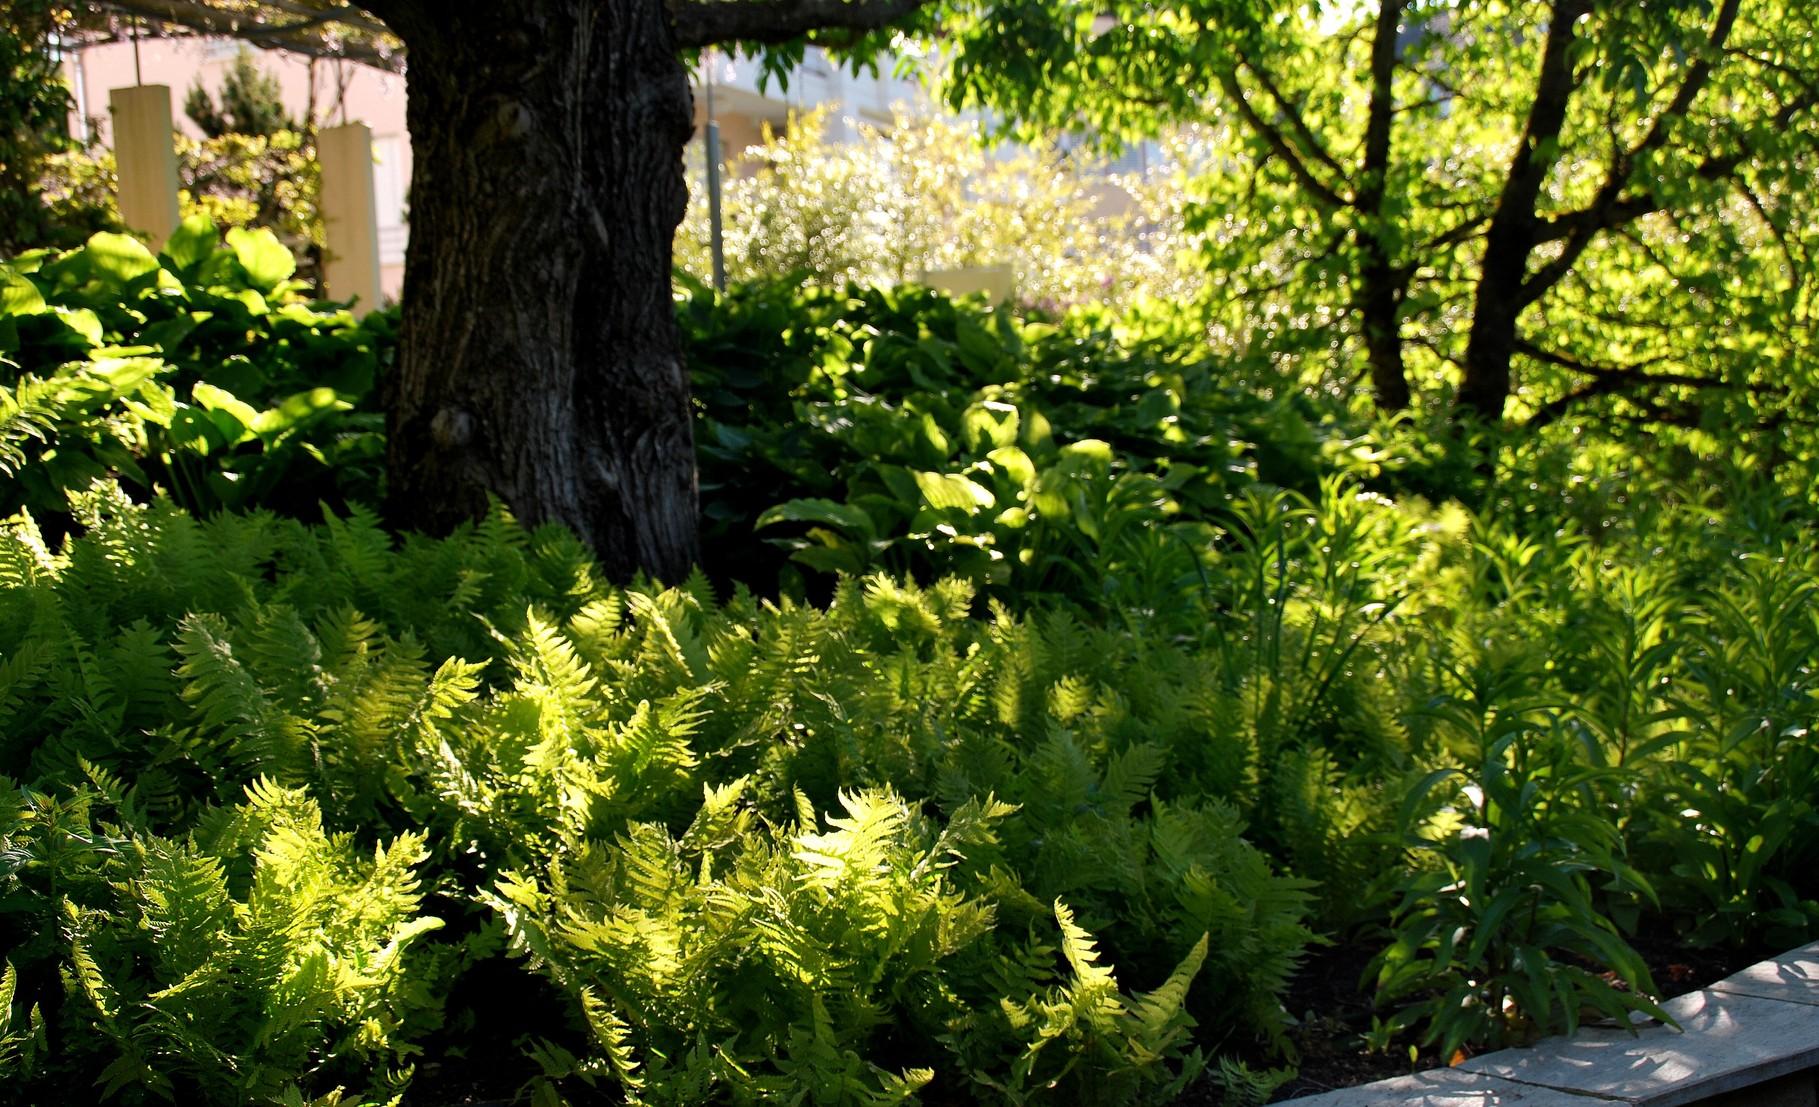 Entretien de jardins jardin vivace for Entretien jardin 16